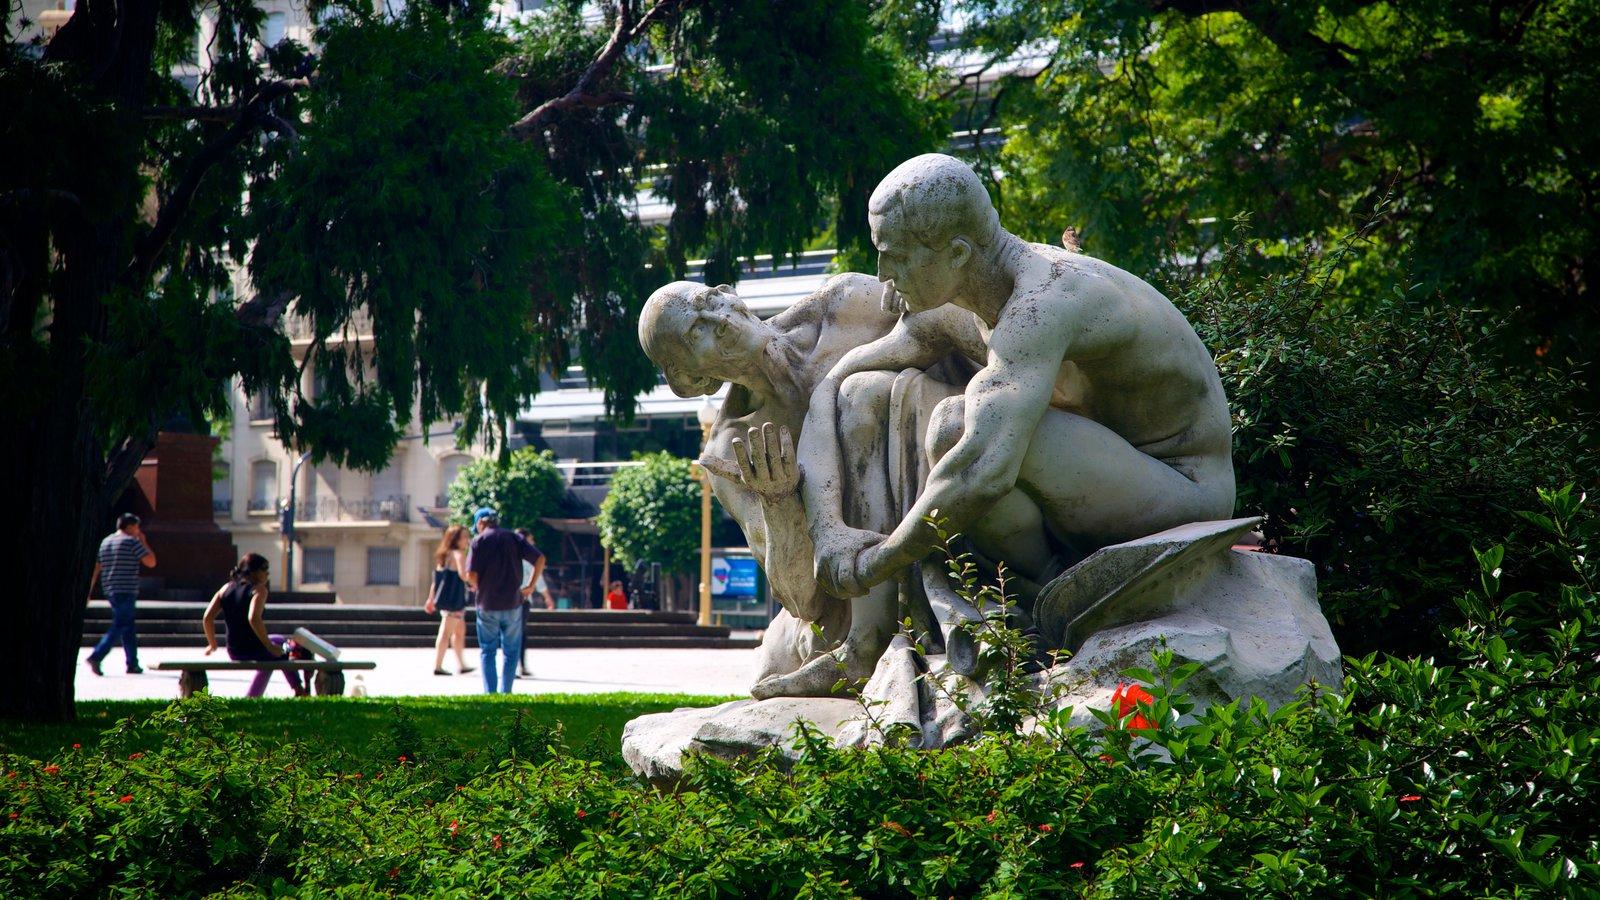 Plaza San Martín caracterizando um parque e uma estátua ou escultura